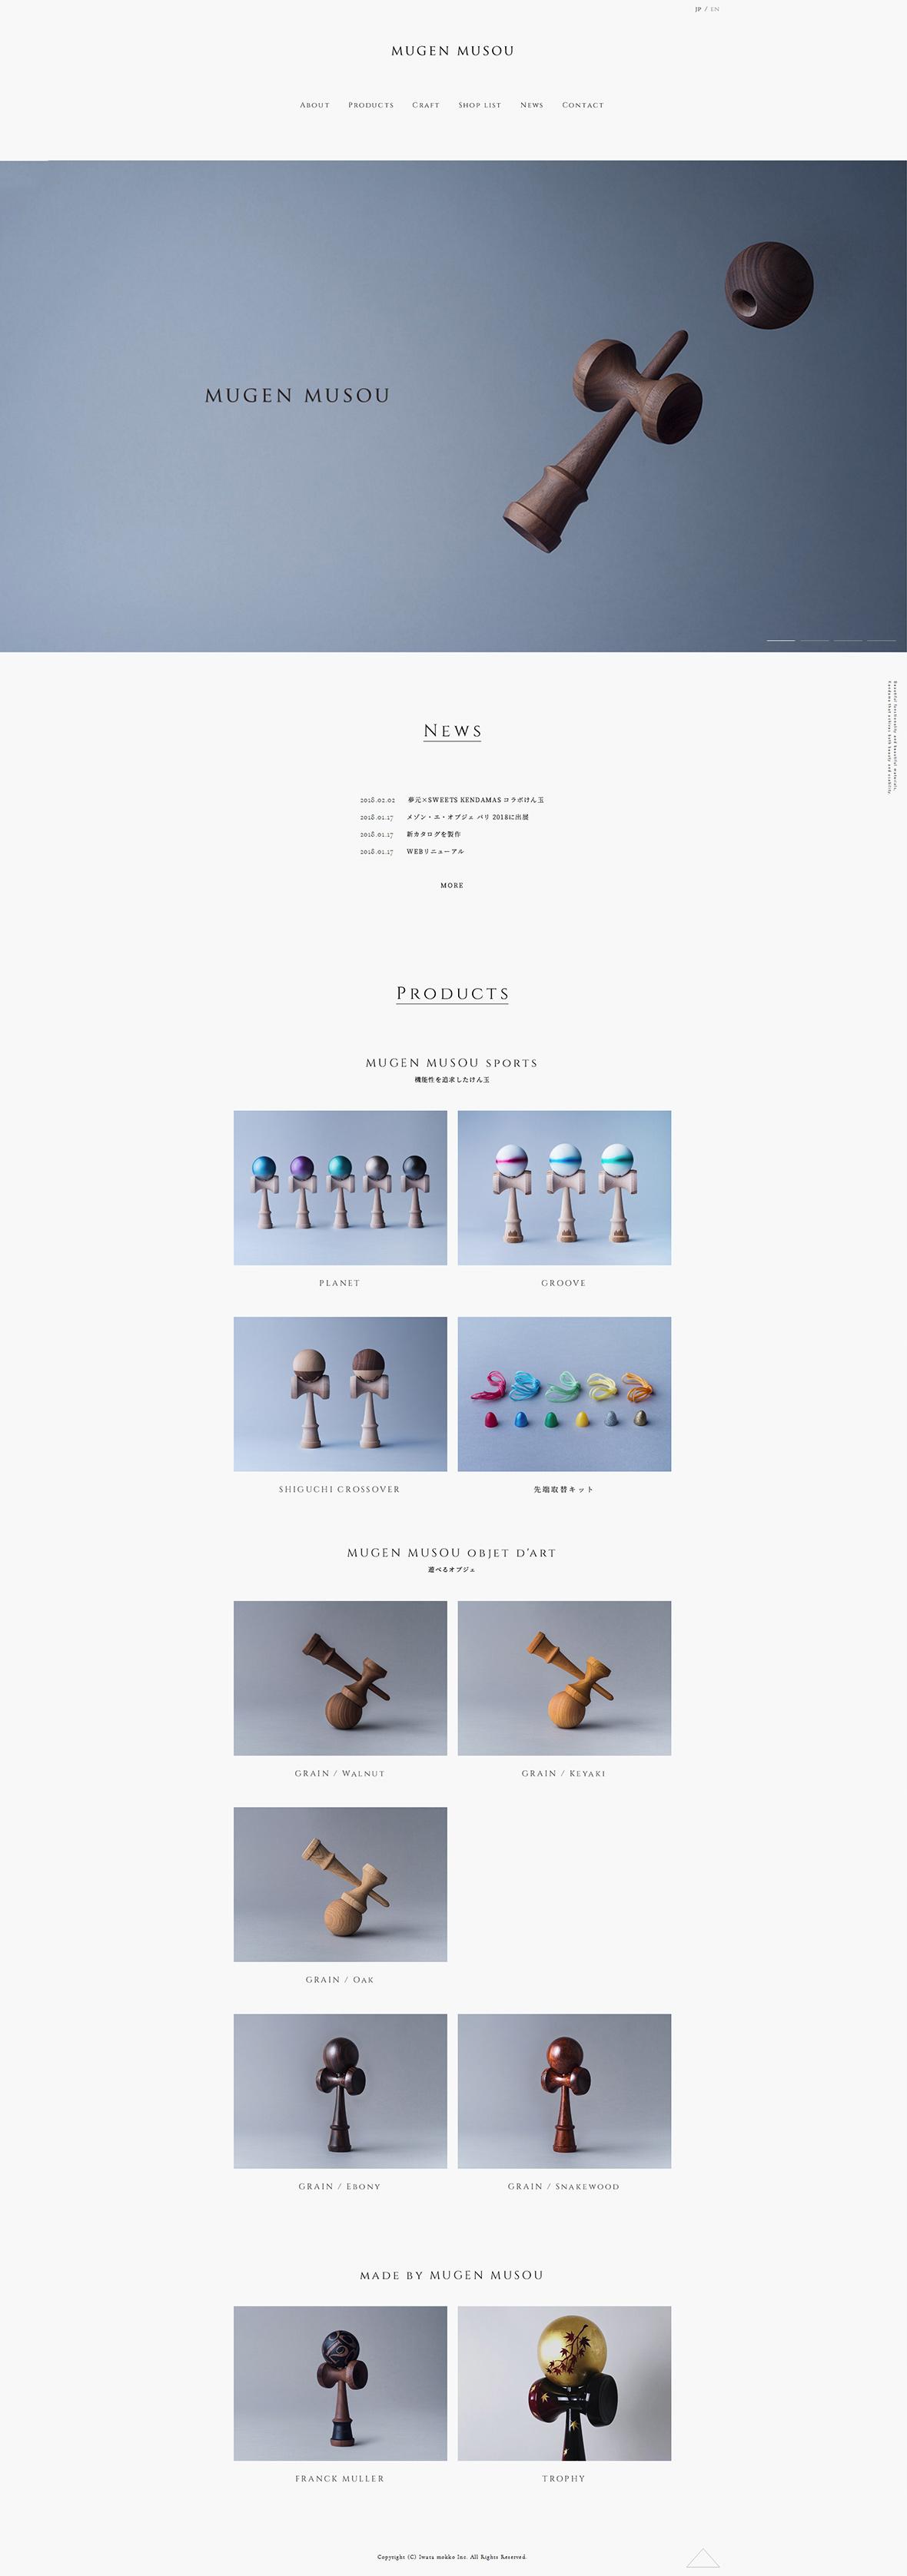 MUGEN MUSOU -KENDAMA-创意,网页设计,创意设计,创意网站,字体设计,设计网站,设计作品,网站欣赏,优,ui设计,设计,设计师,平面设计,电商设计,动漫设计,网站设计